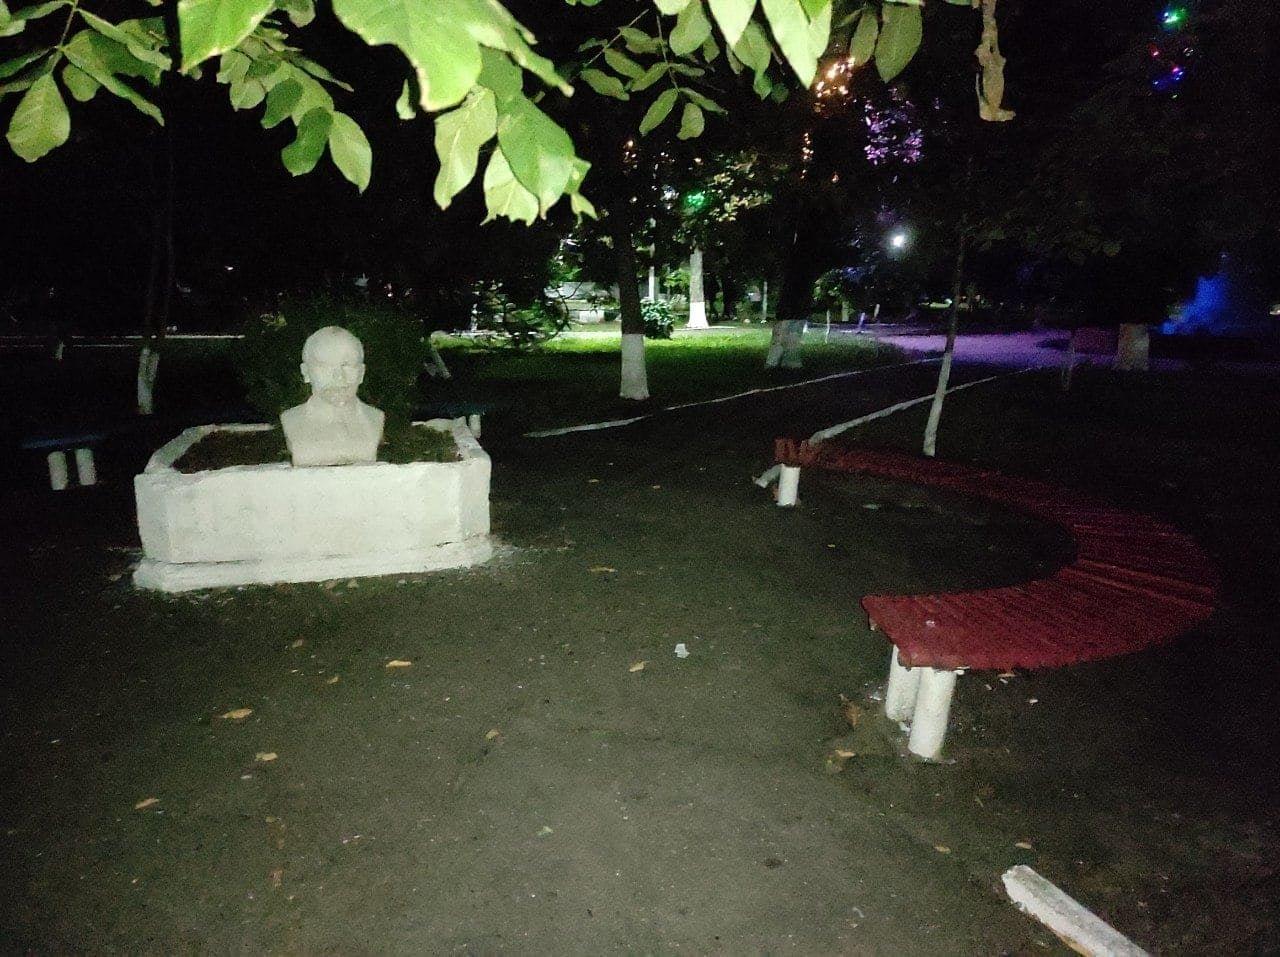 В Одесской области в парк принесли бюст Ленина, - ФОТО, фото-2